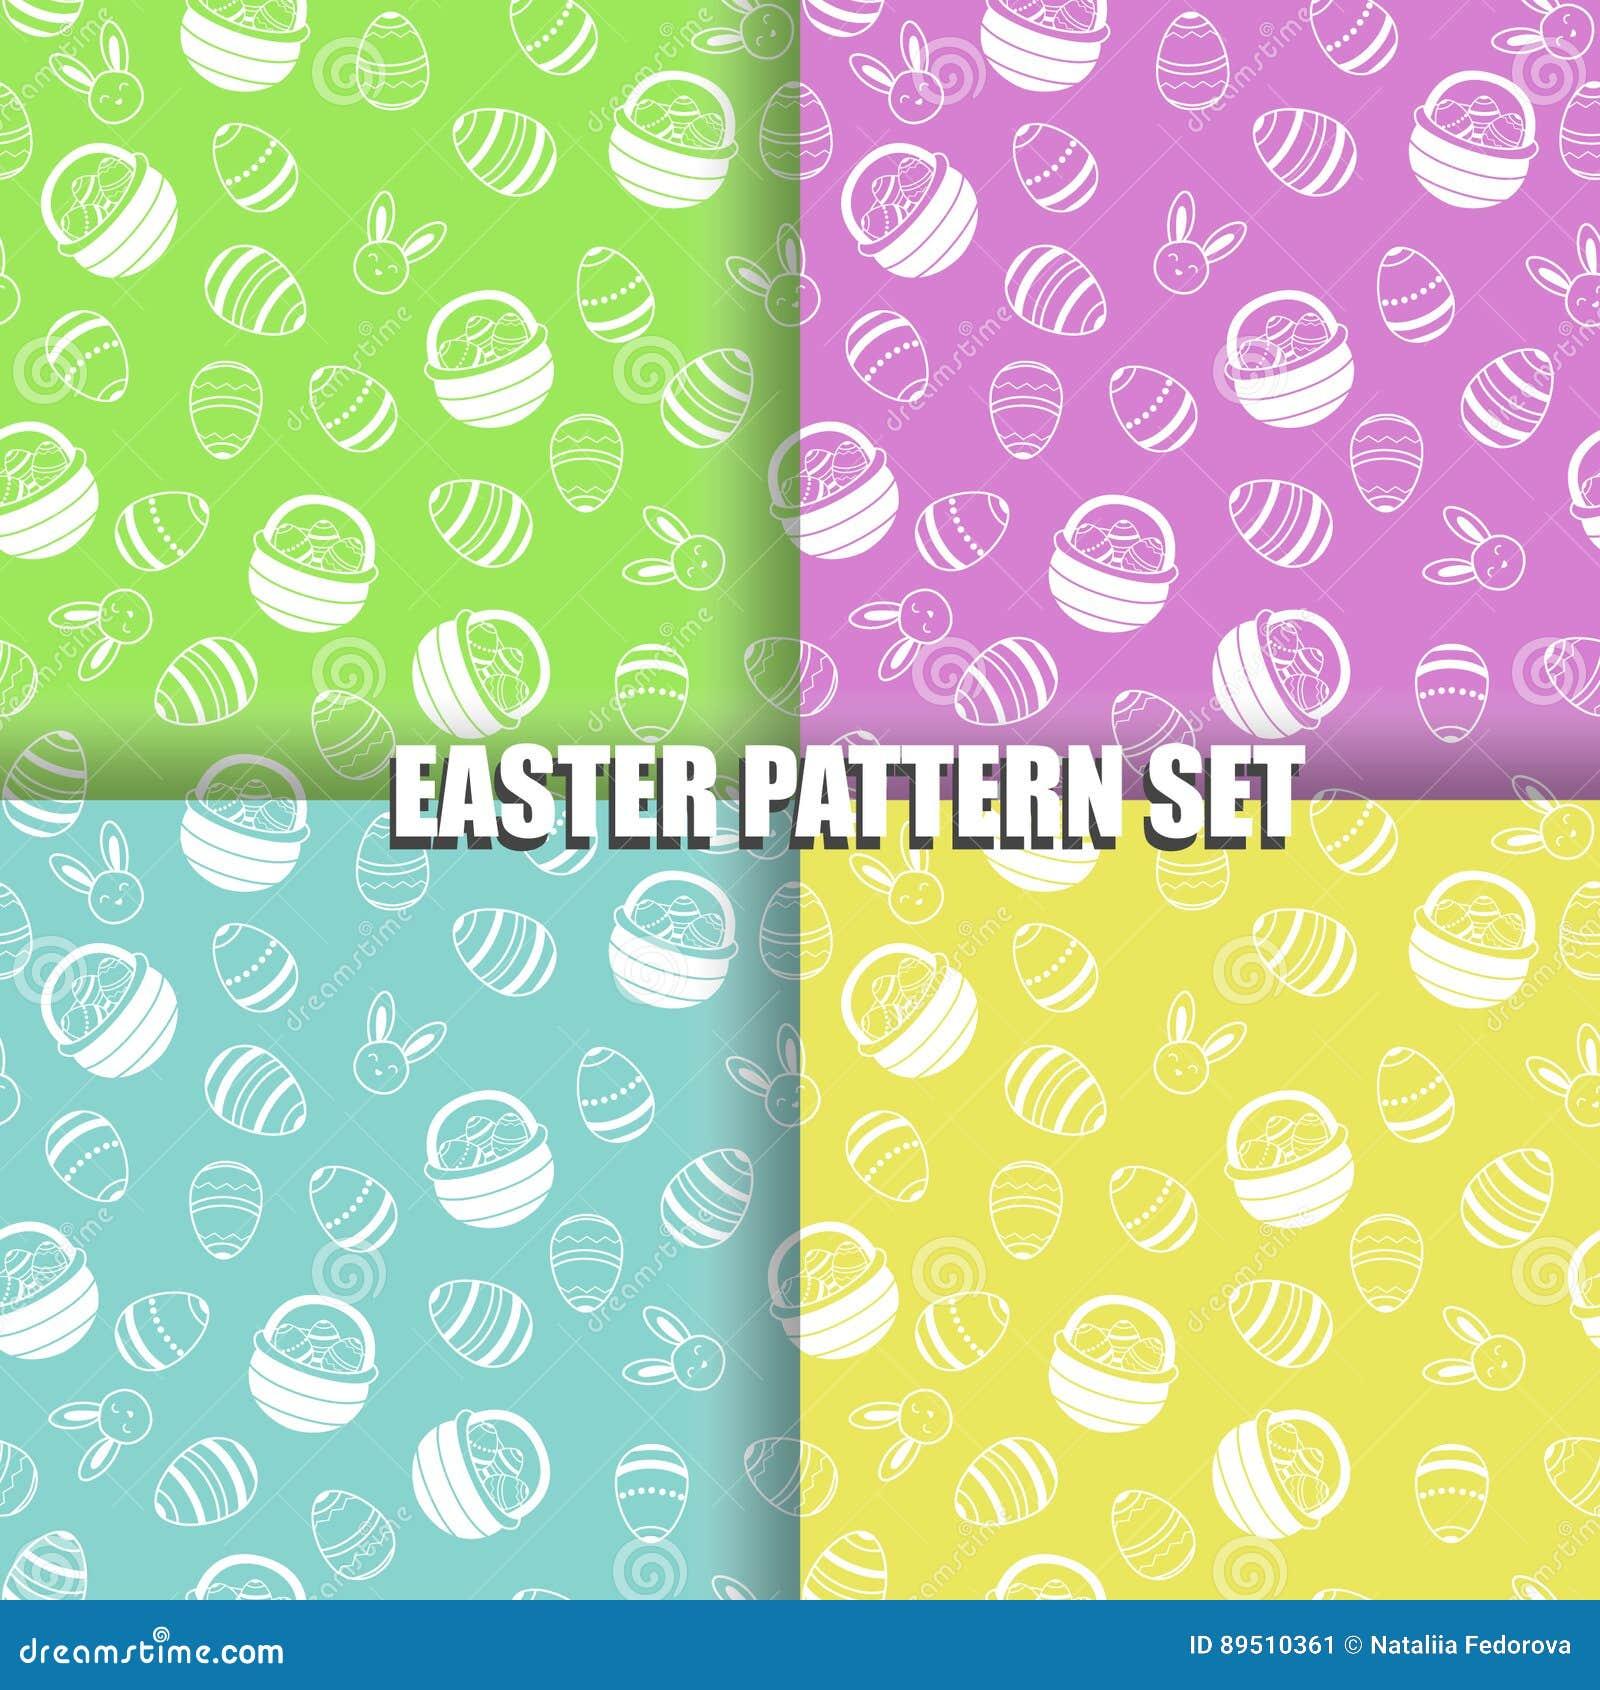 Satz von Ostern-Muster mit unterschiedlicher Farbe der weißen Illustration des Eikorbes und -häschens